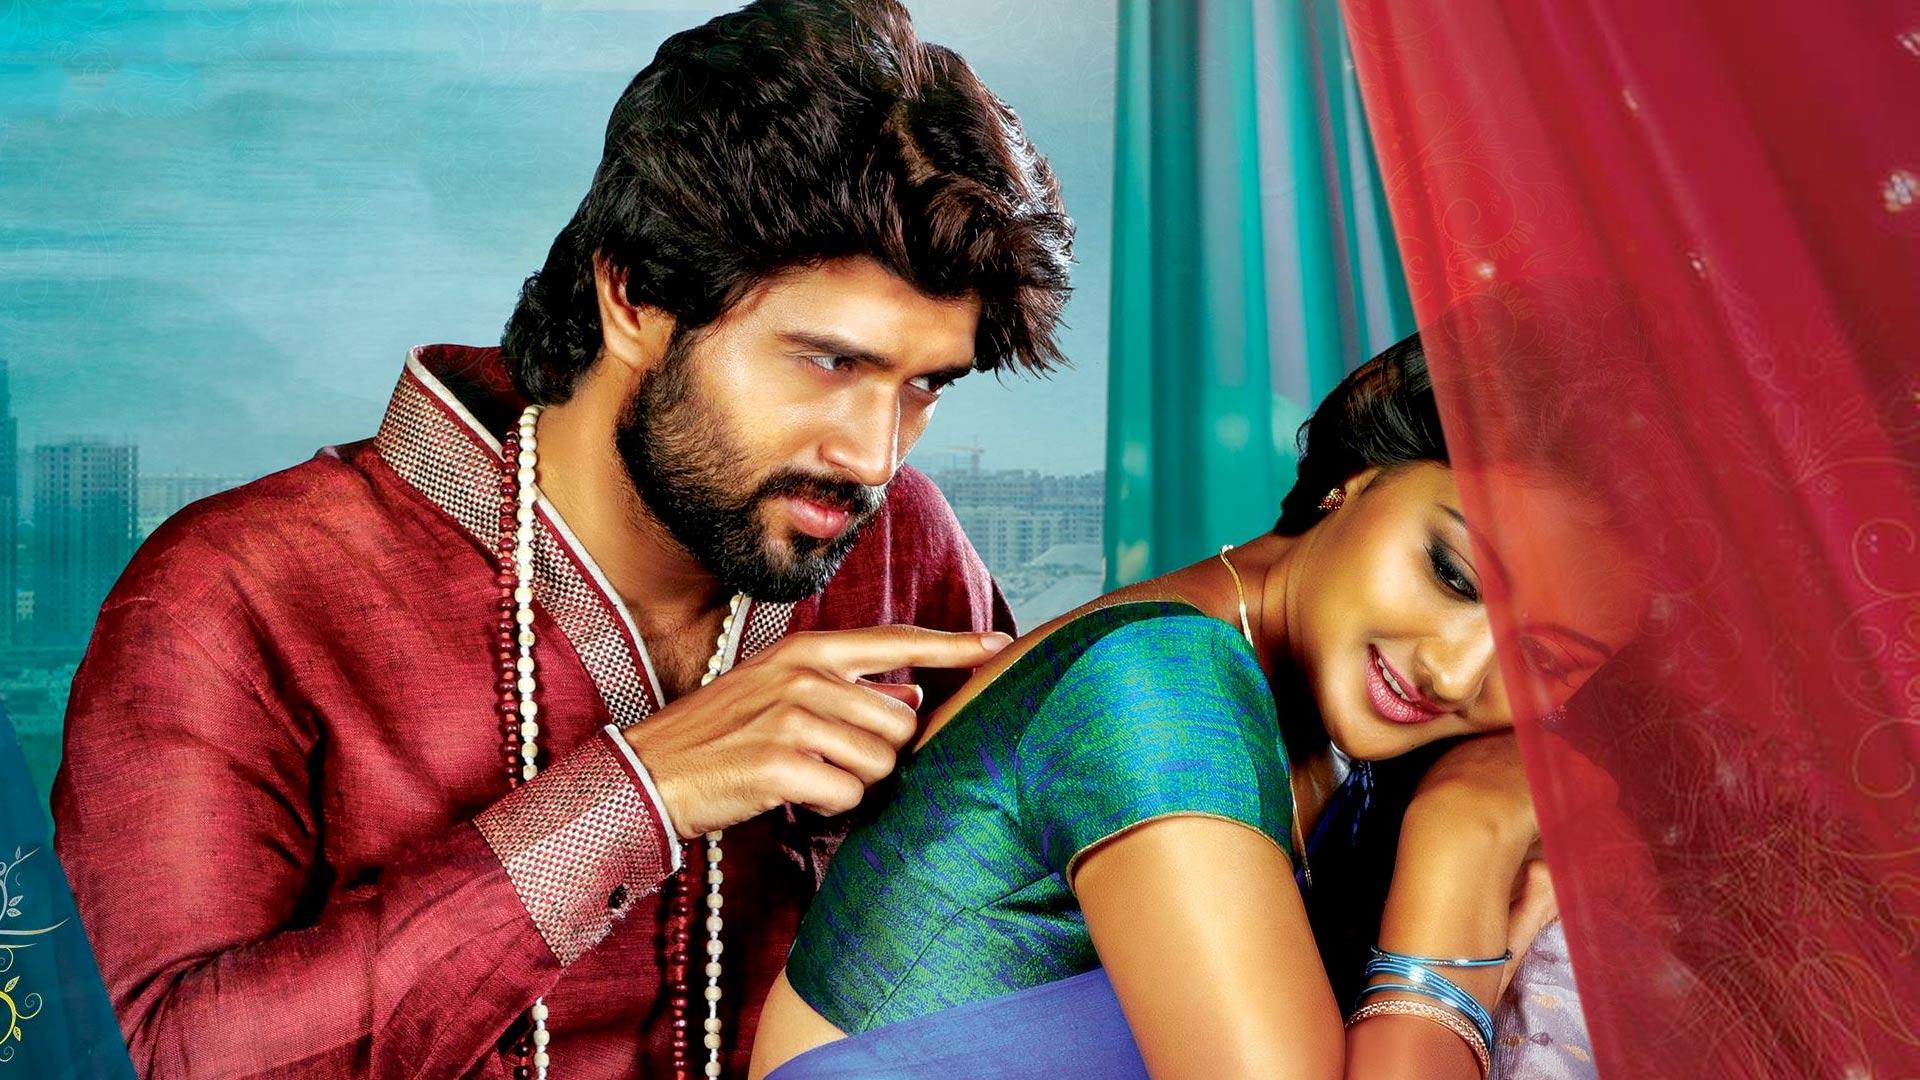 MCA Telugu Full Movie Online | Watch MCA Movie Online in HD Quality